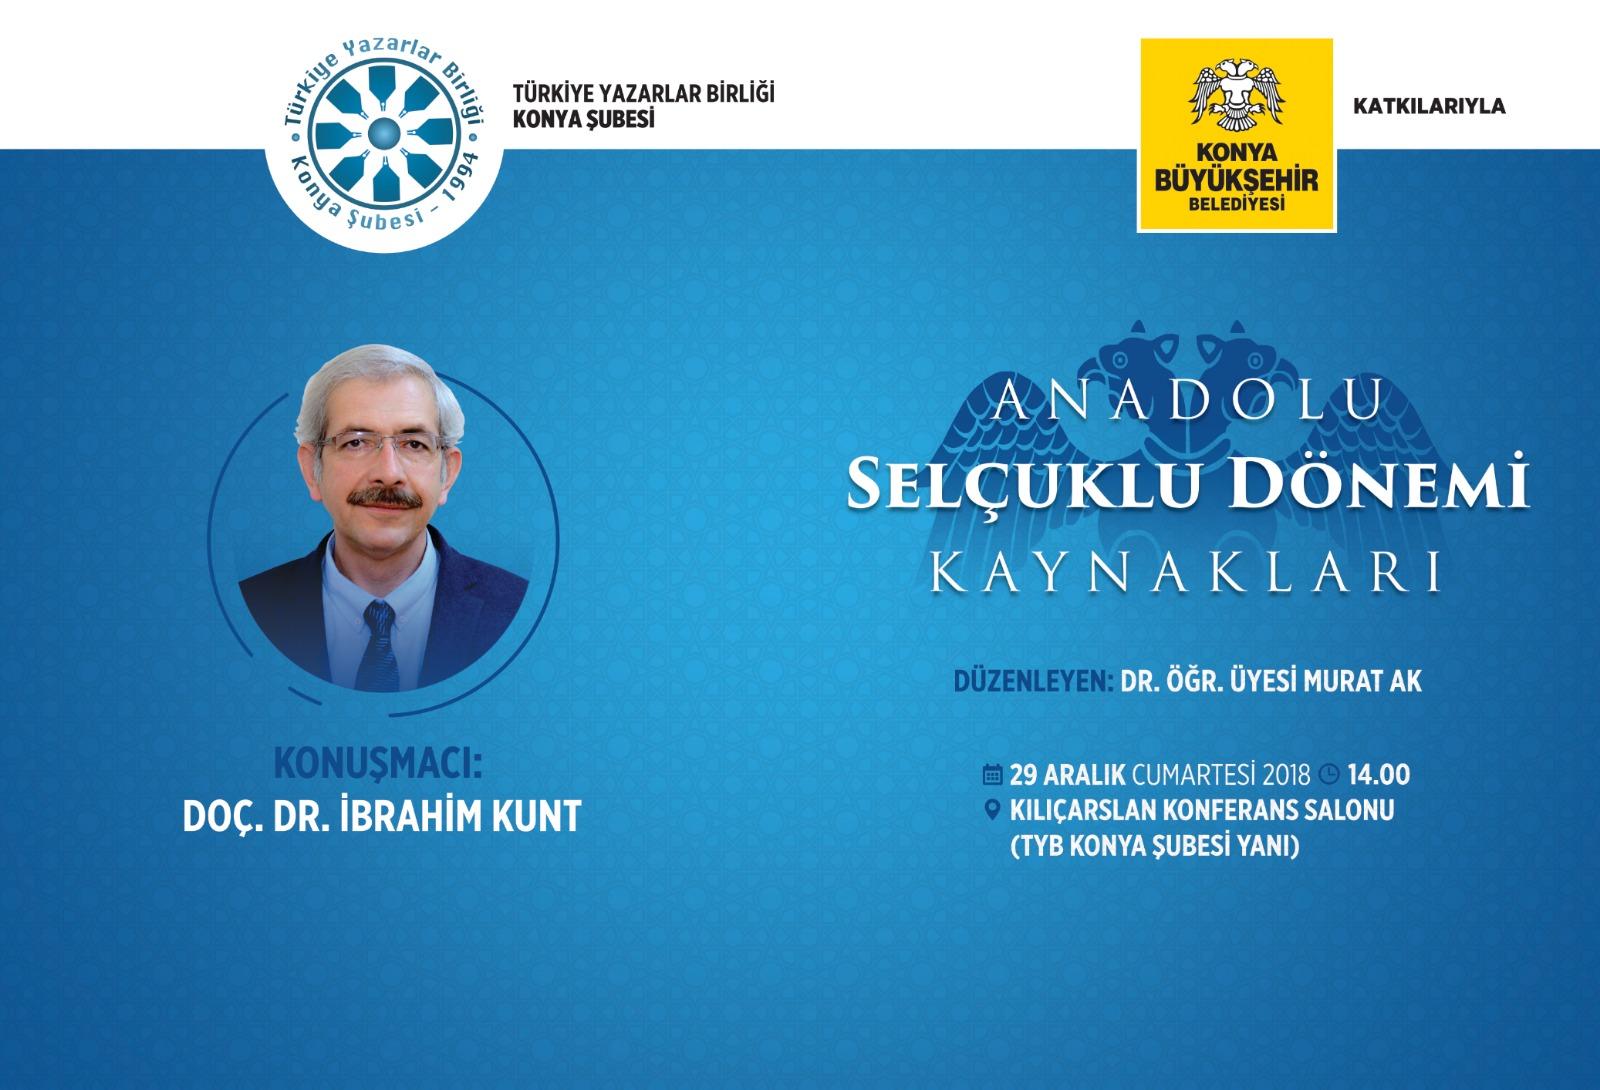 Anadolu Selçuklu Dönemi Kaynakları